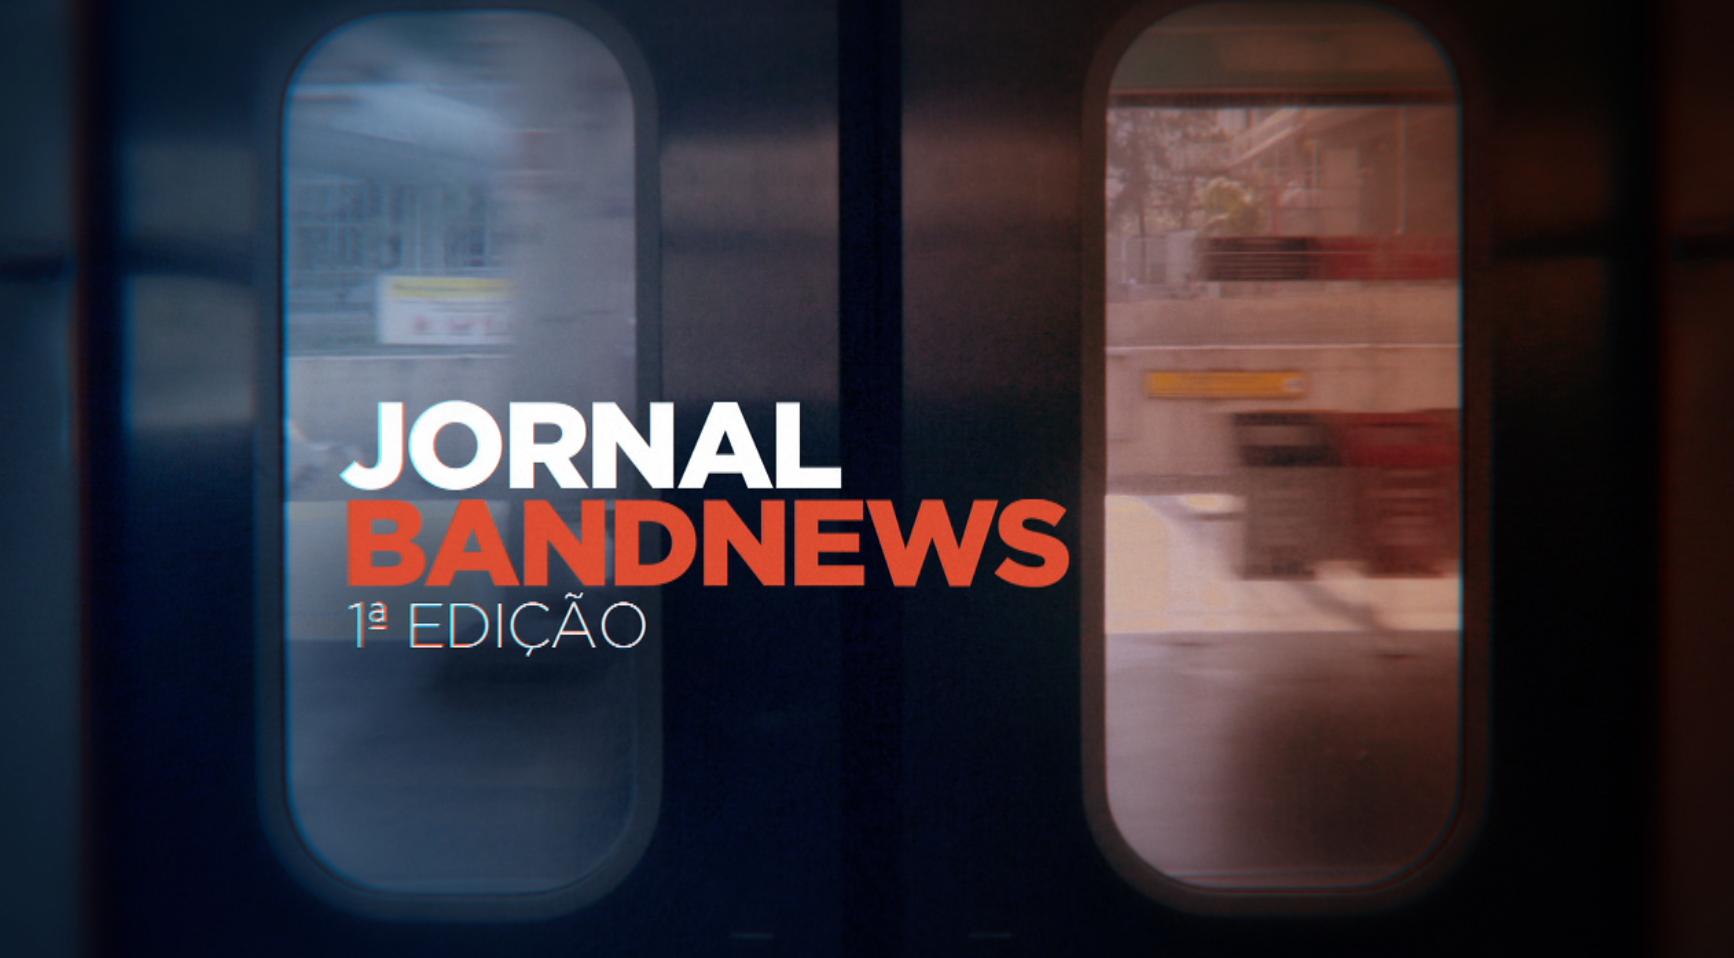 JORNAL BANDNEWS 1ª EDIÇÃO